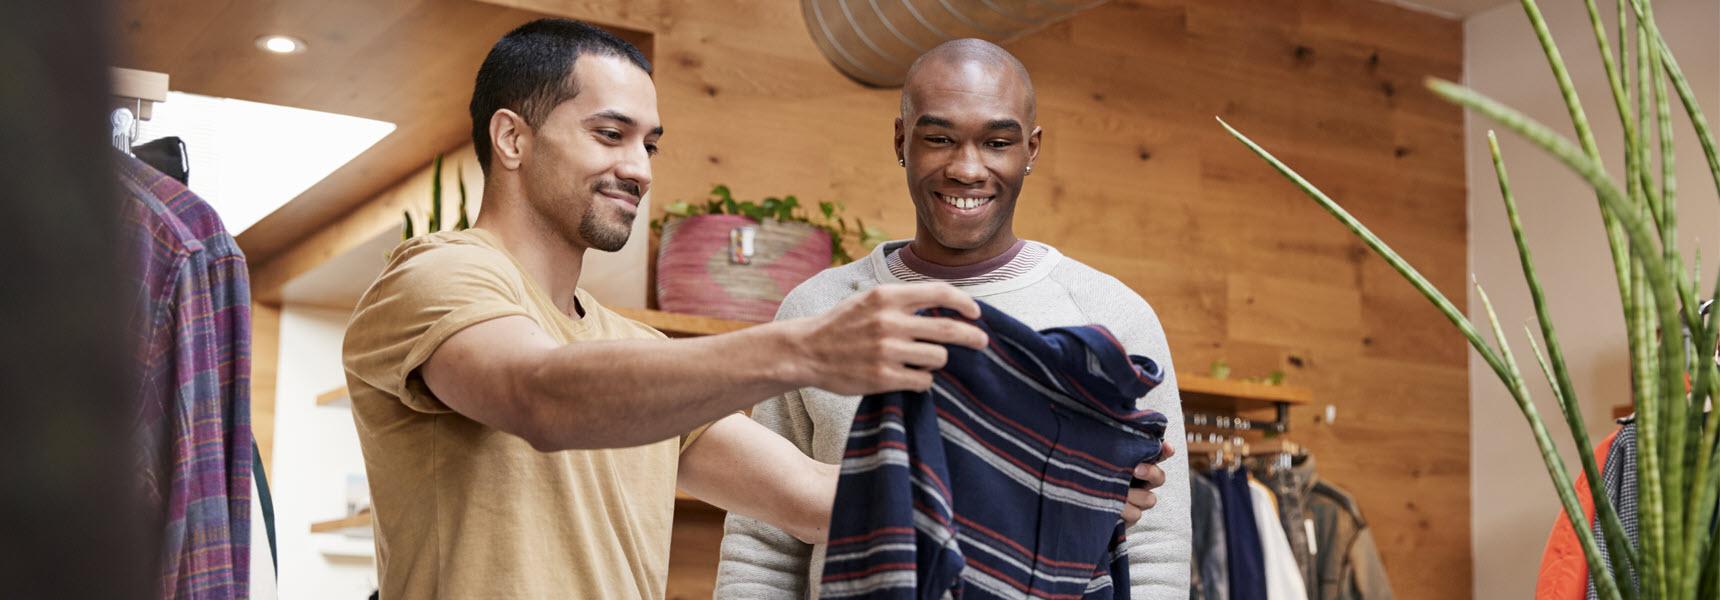 Two men splurging on new clothing.